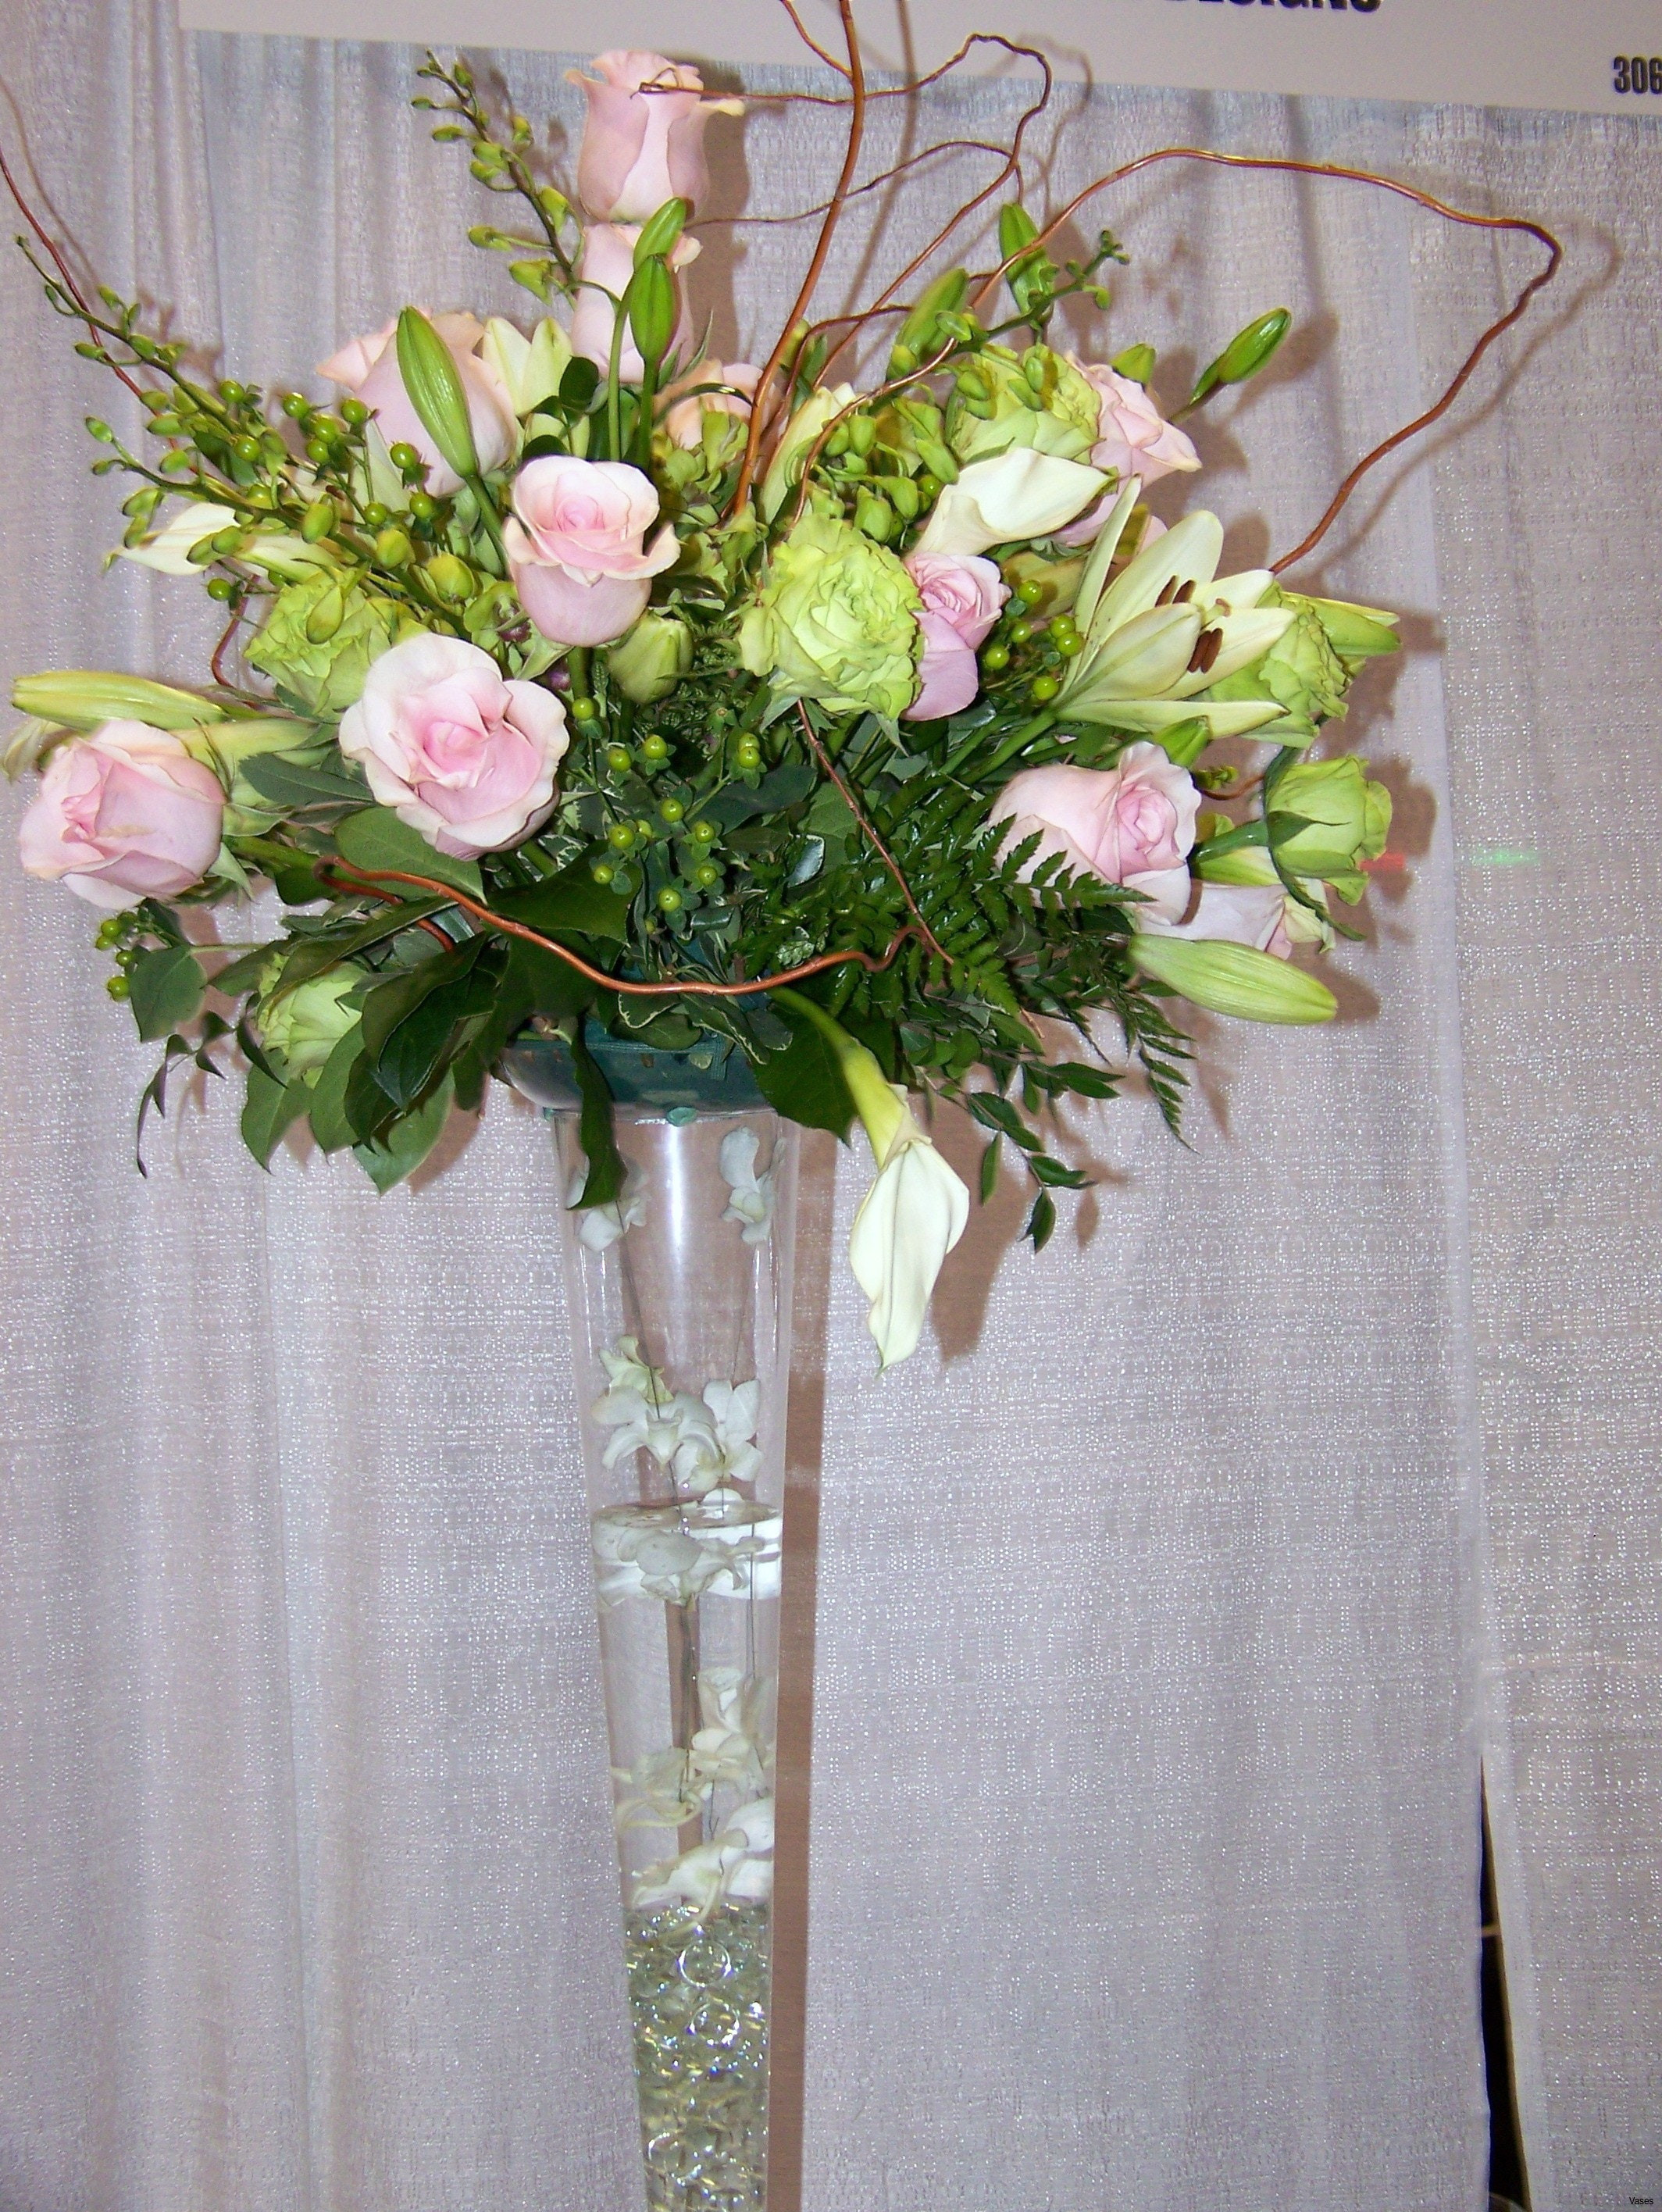 kate spade flower vase of rose bowl vases images h vases ideas for floral arrangements in i 0d regarding h vases ideas for floral arrangements in i 0d design ideas design